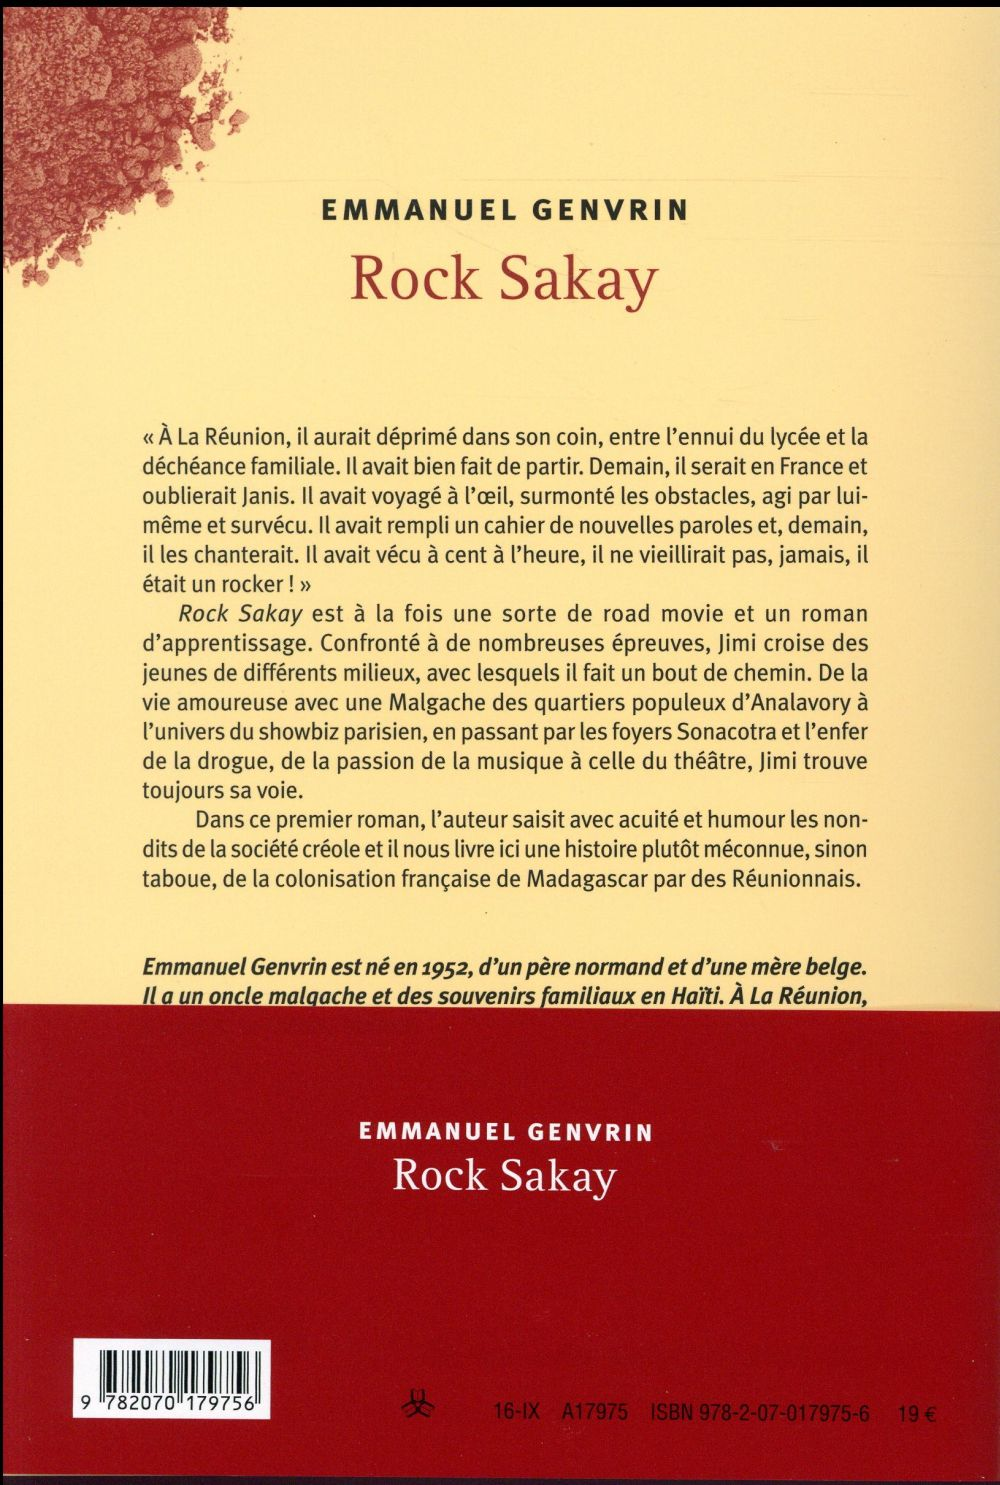 Rock Sakay